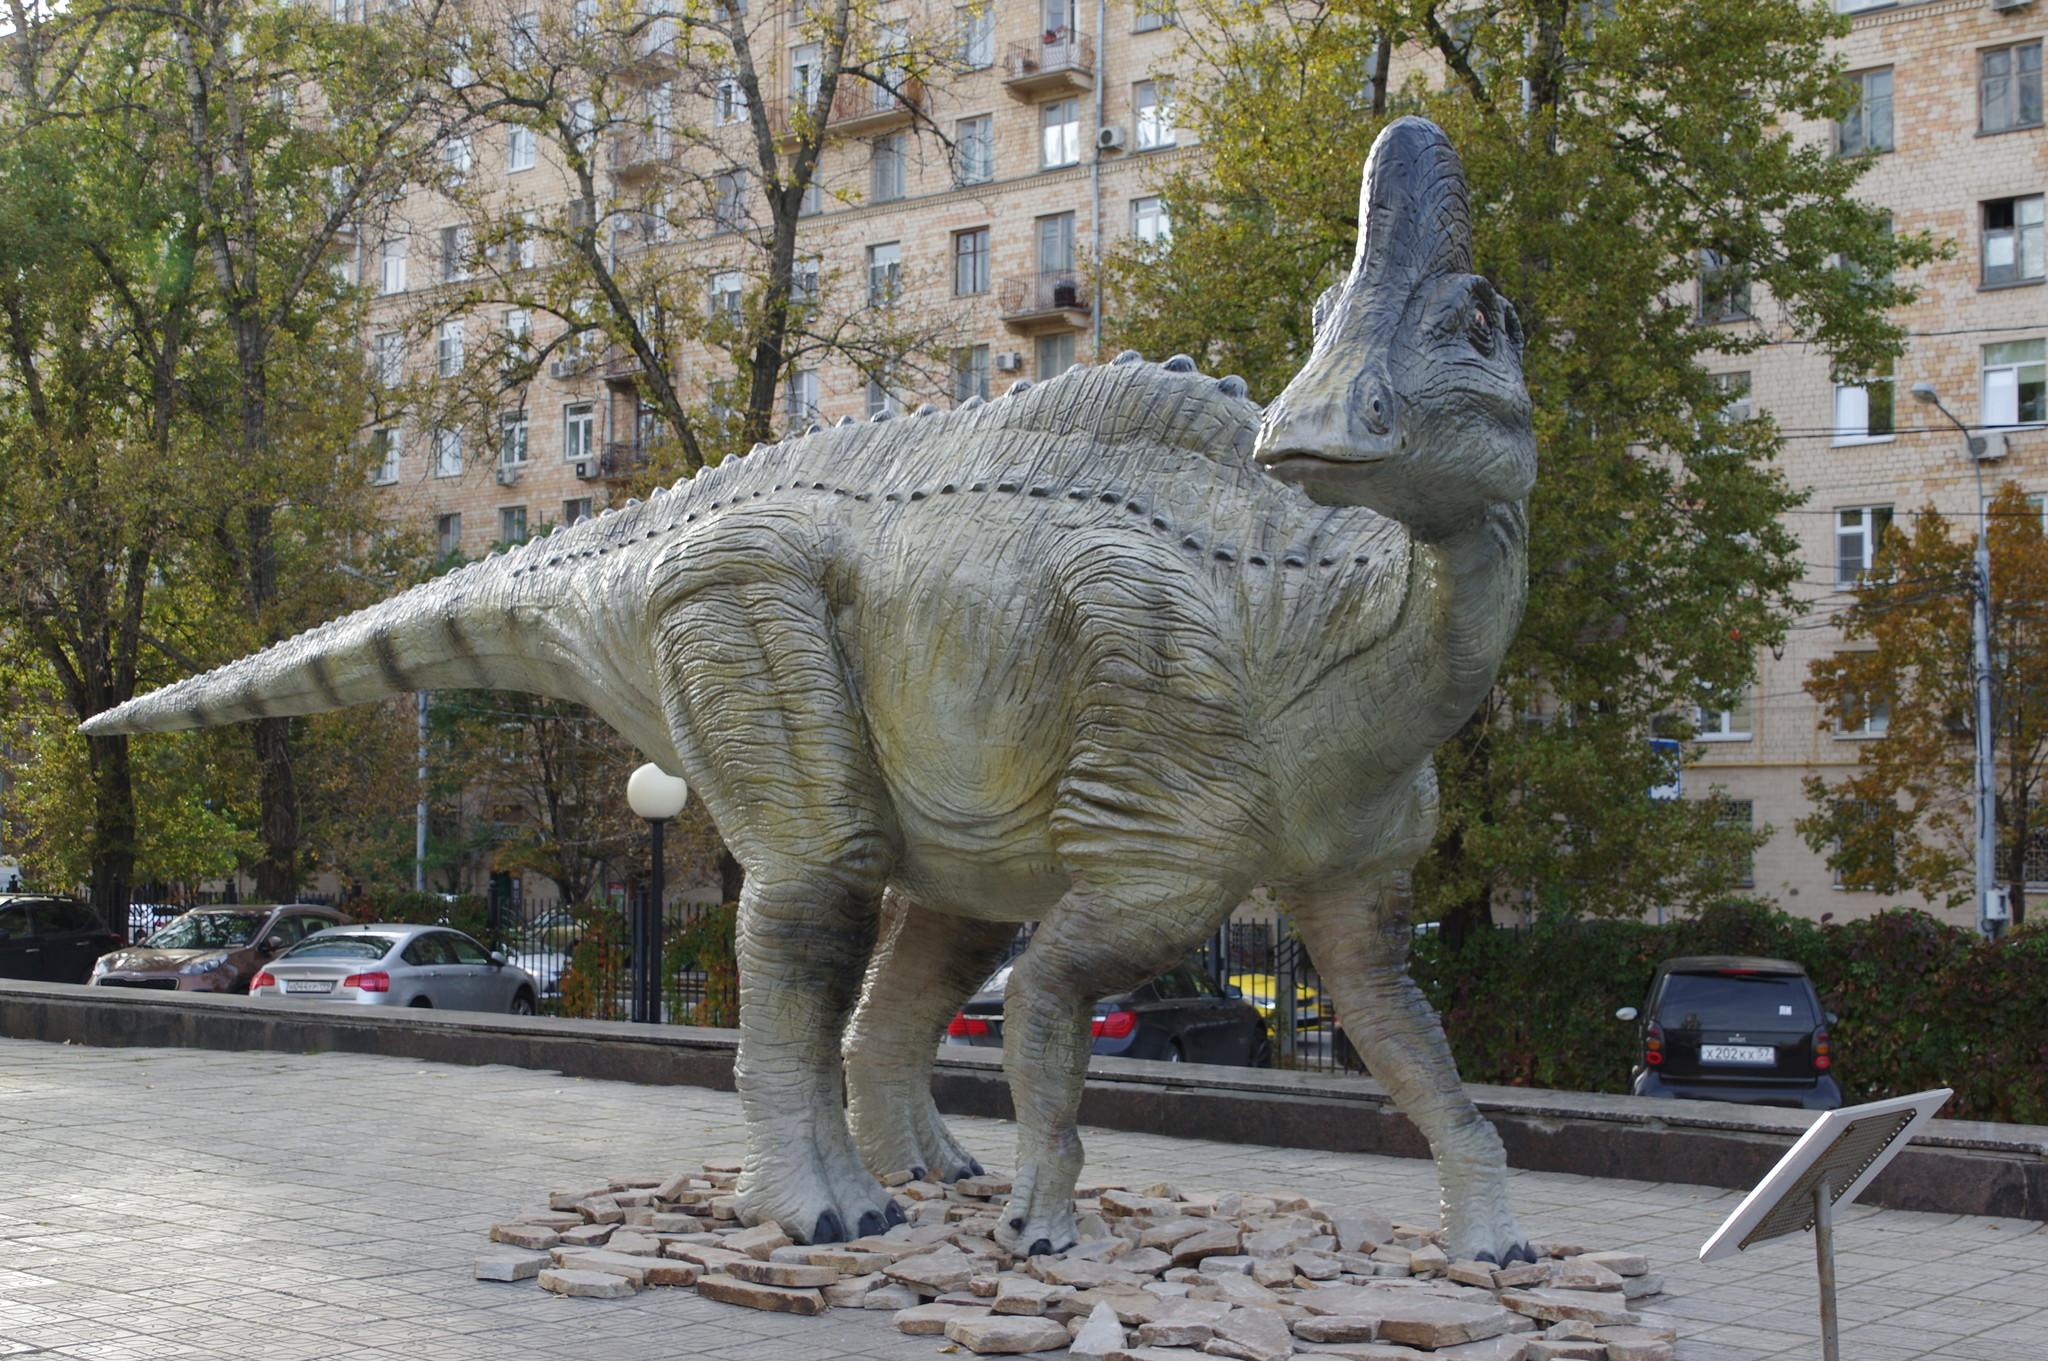 Амурозавр Рябинина. Государственный Дарвиновский музей (улица Вавилова, дом 57)